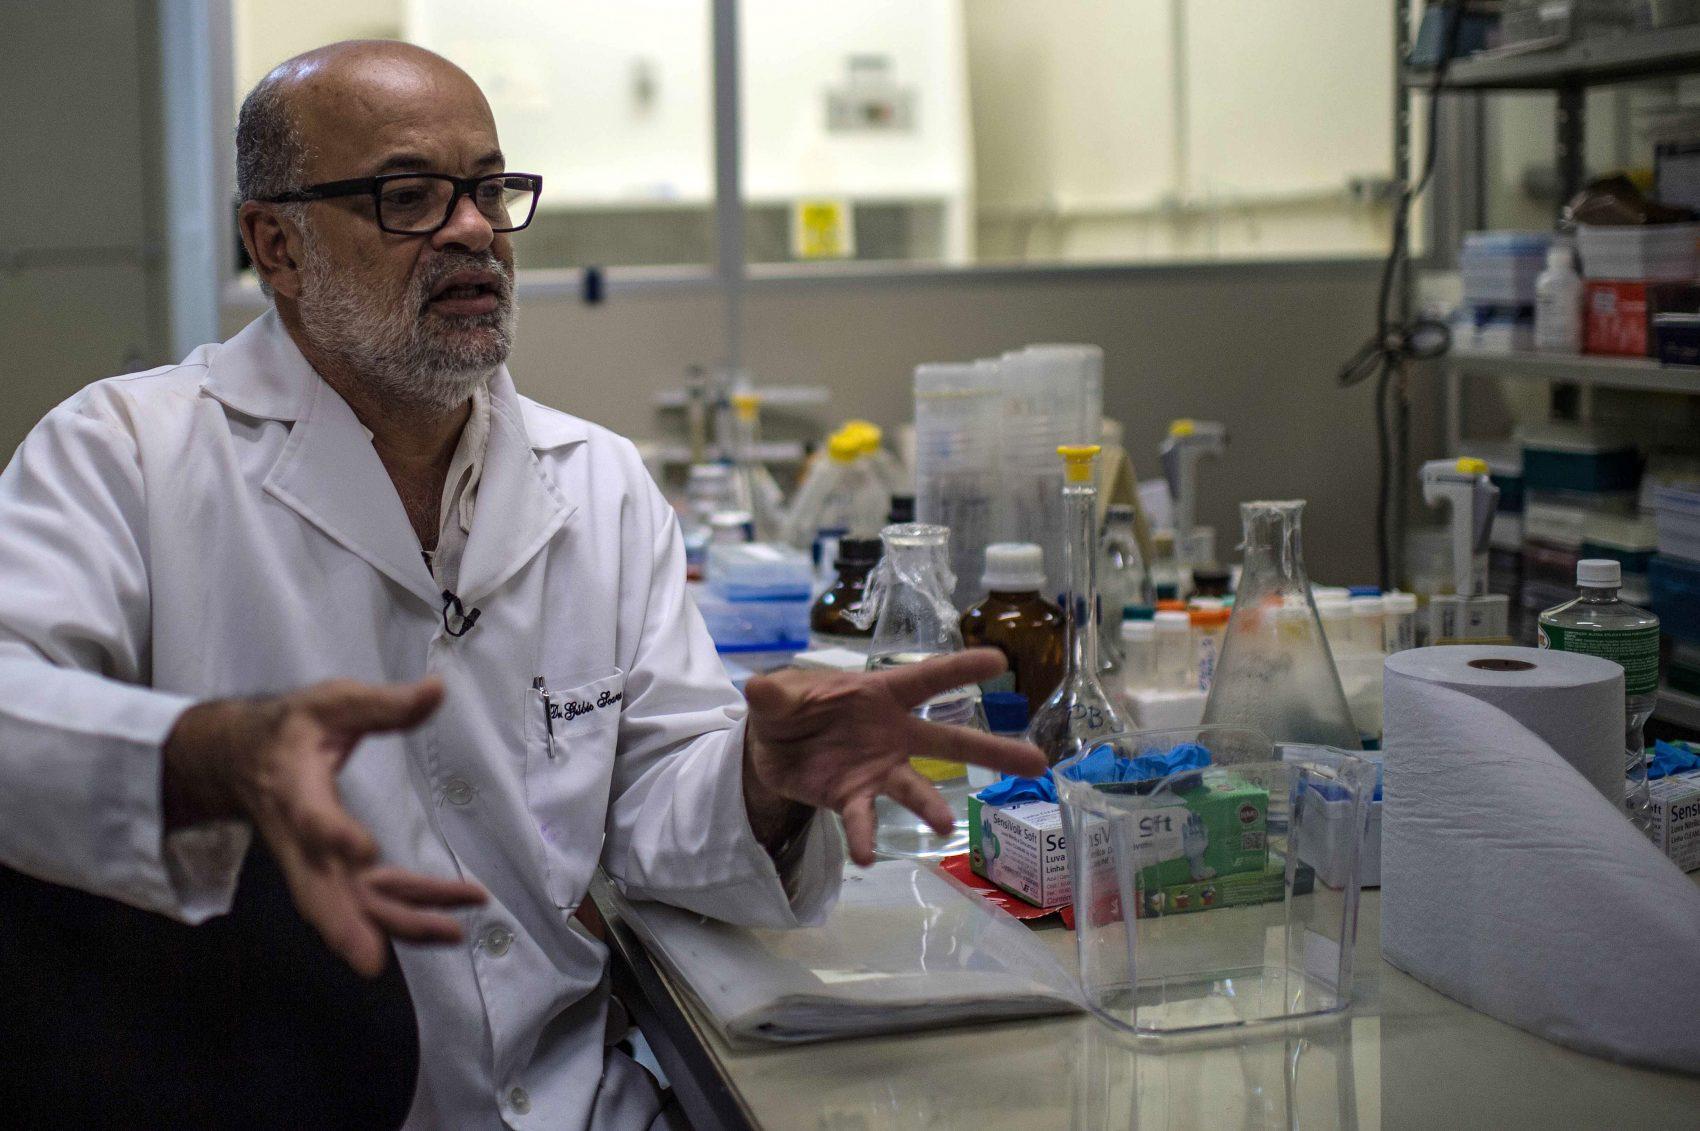 O virologista Gúbio Soares no labóratío do do Instituto de Ciências da Saúde da Ufba: financiamento só veio depois da descoberta do Zika vírus no Brasil e pesquisas ainda sofrem com escassez de recursos (Foto: Christophe Simon/AFP)